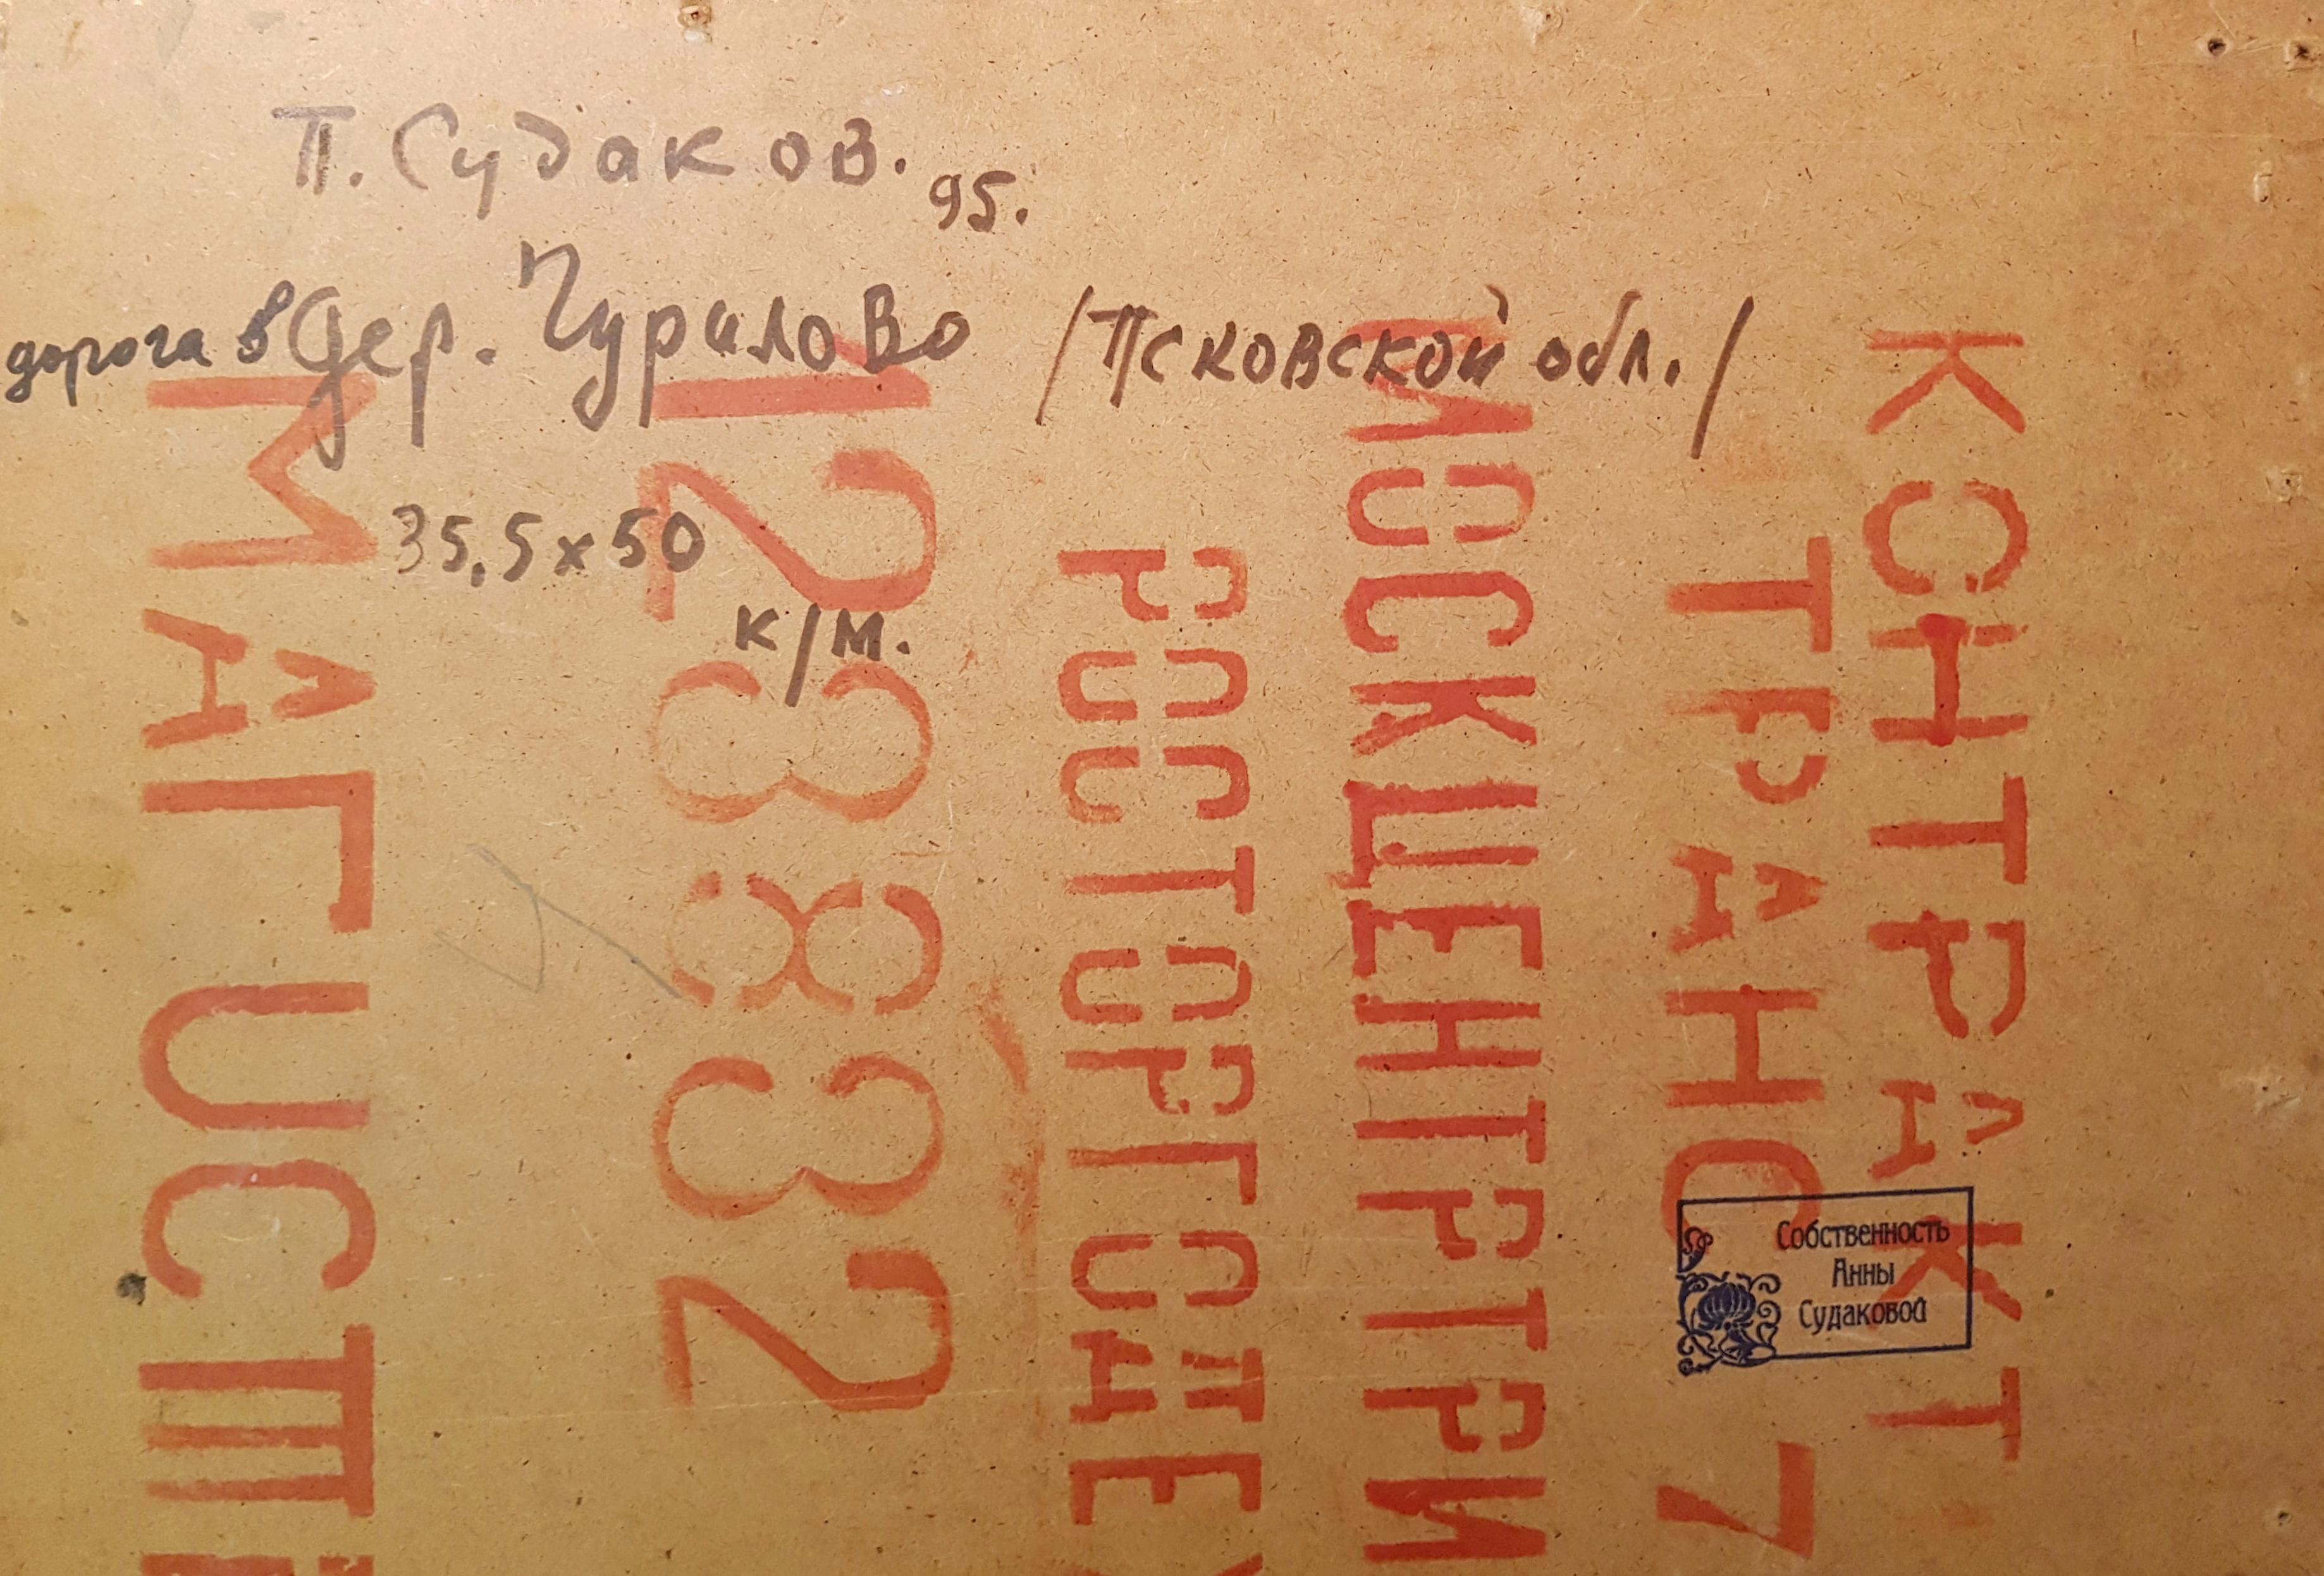 Оборот. Судаков Павел Фёдорович. Дорога в деревню Чуралово